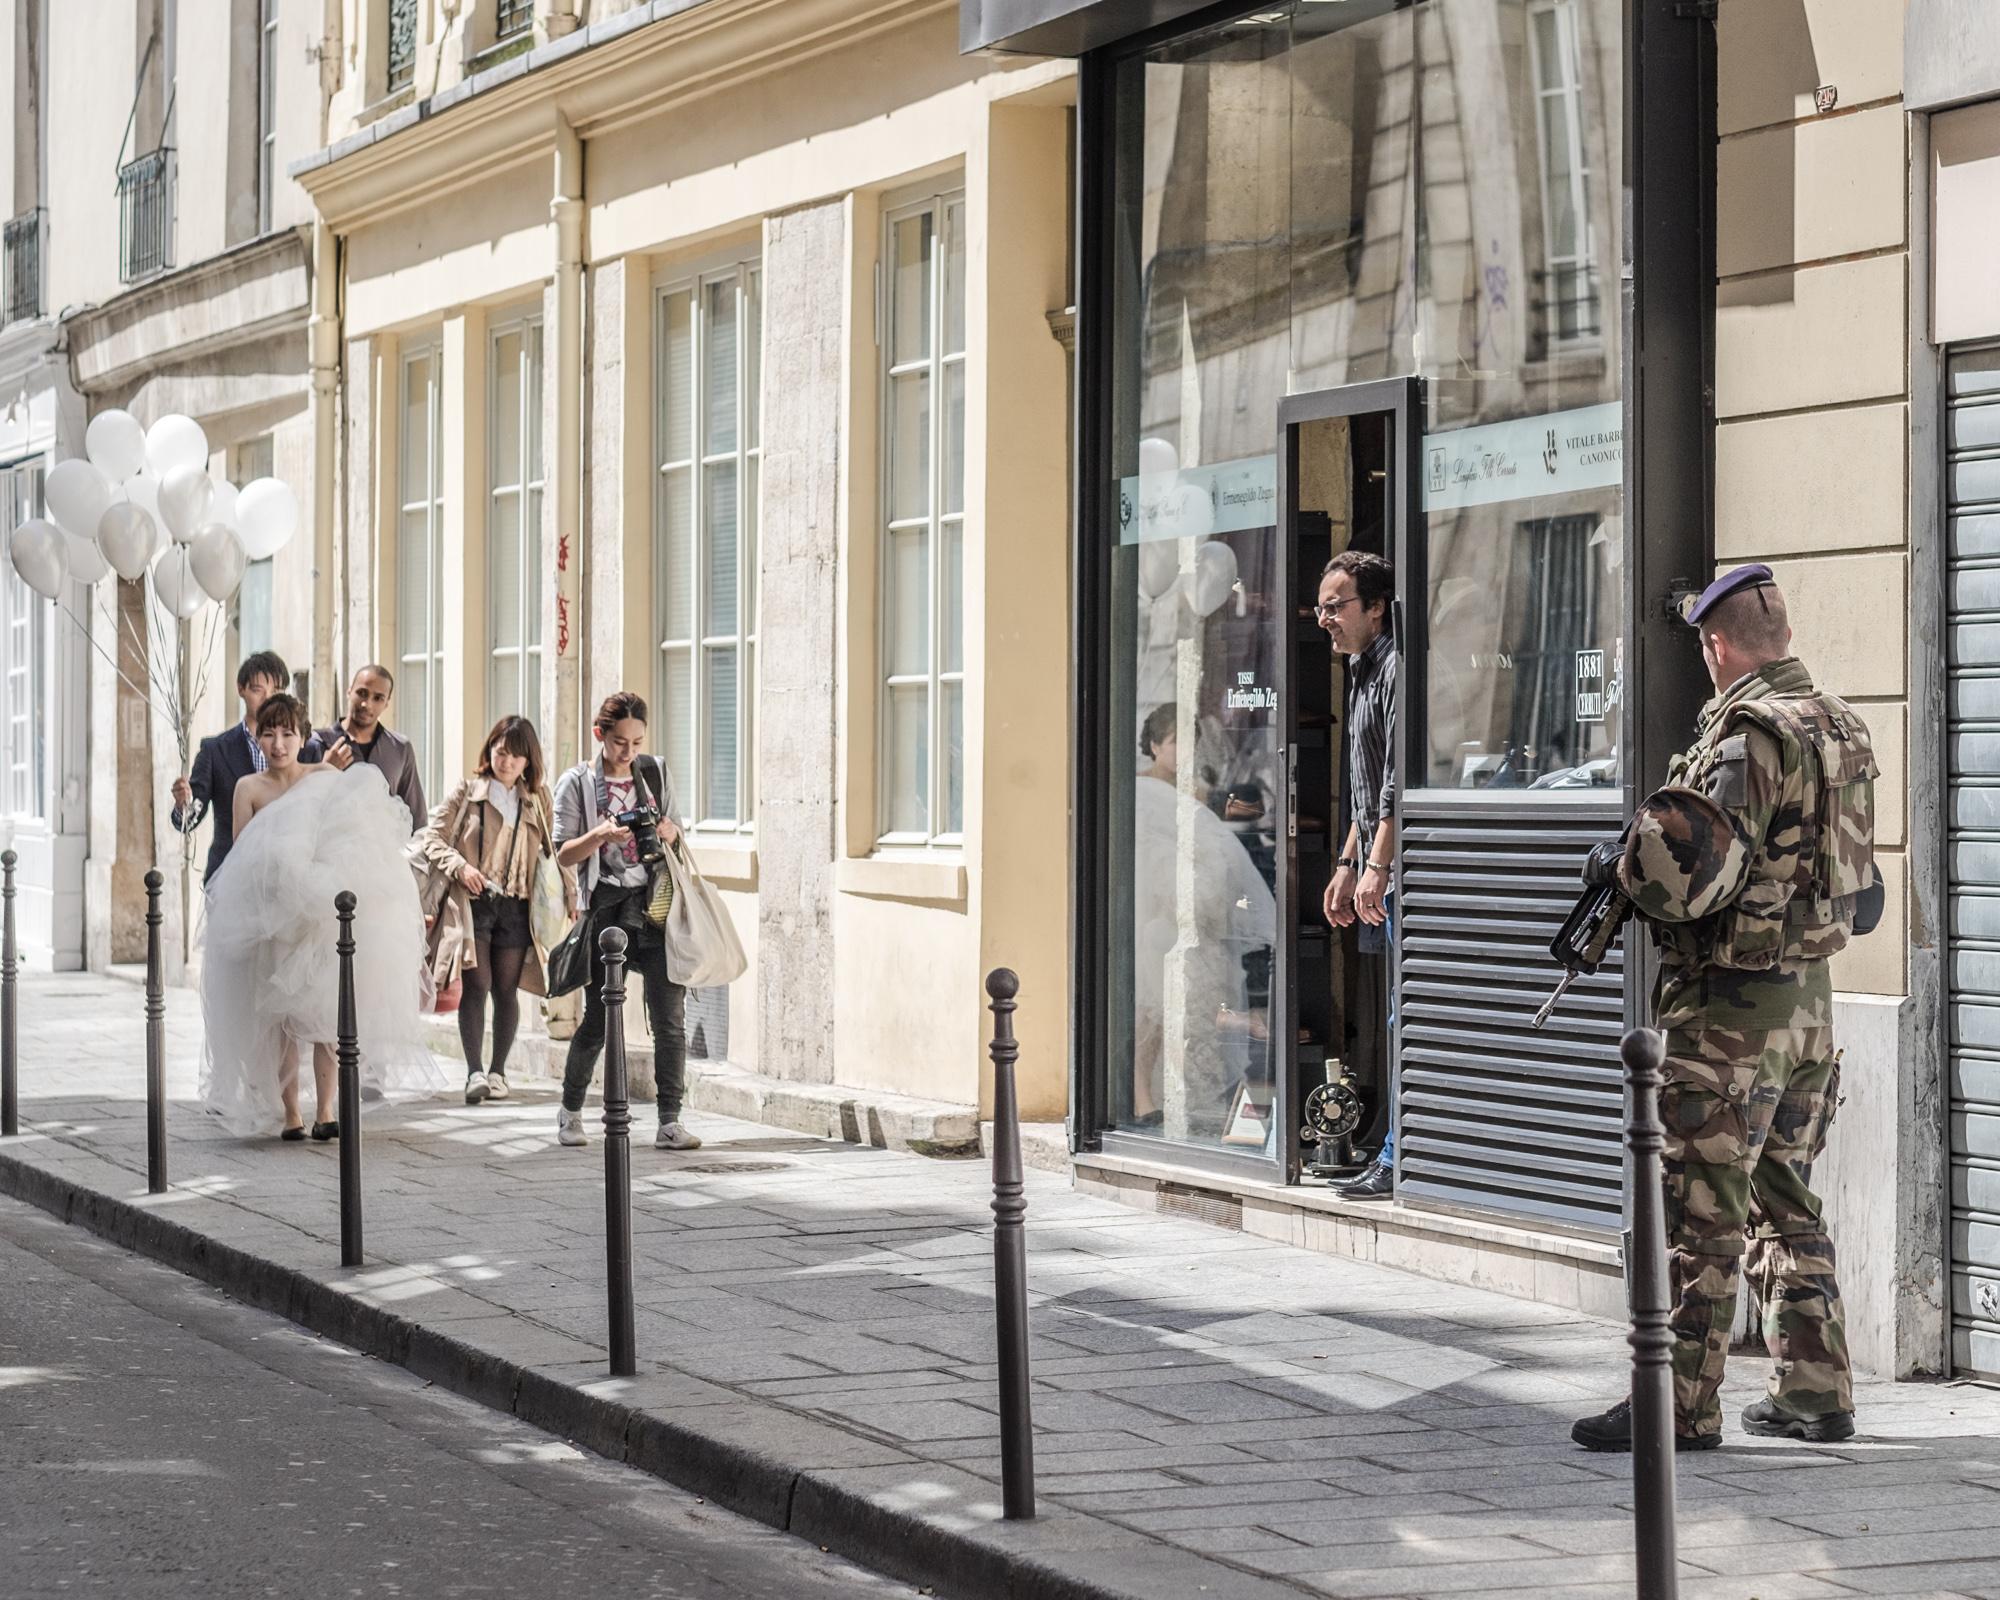 Charlie-Hebdo Reception